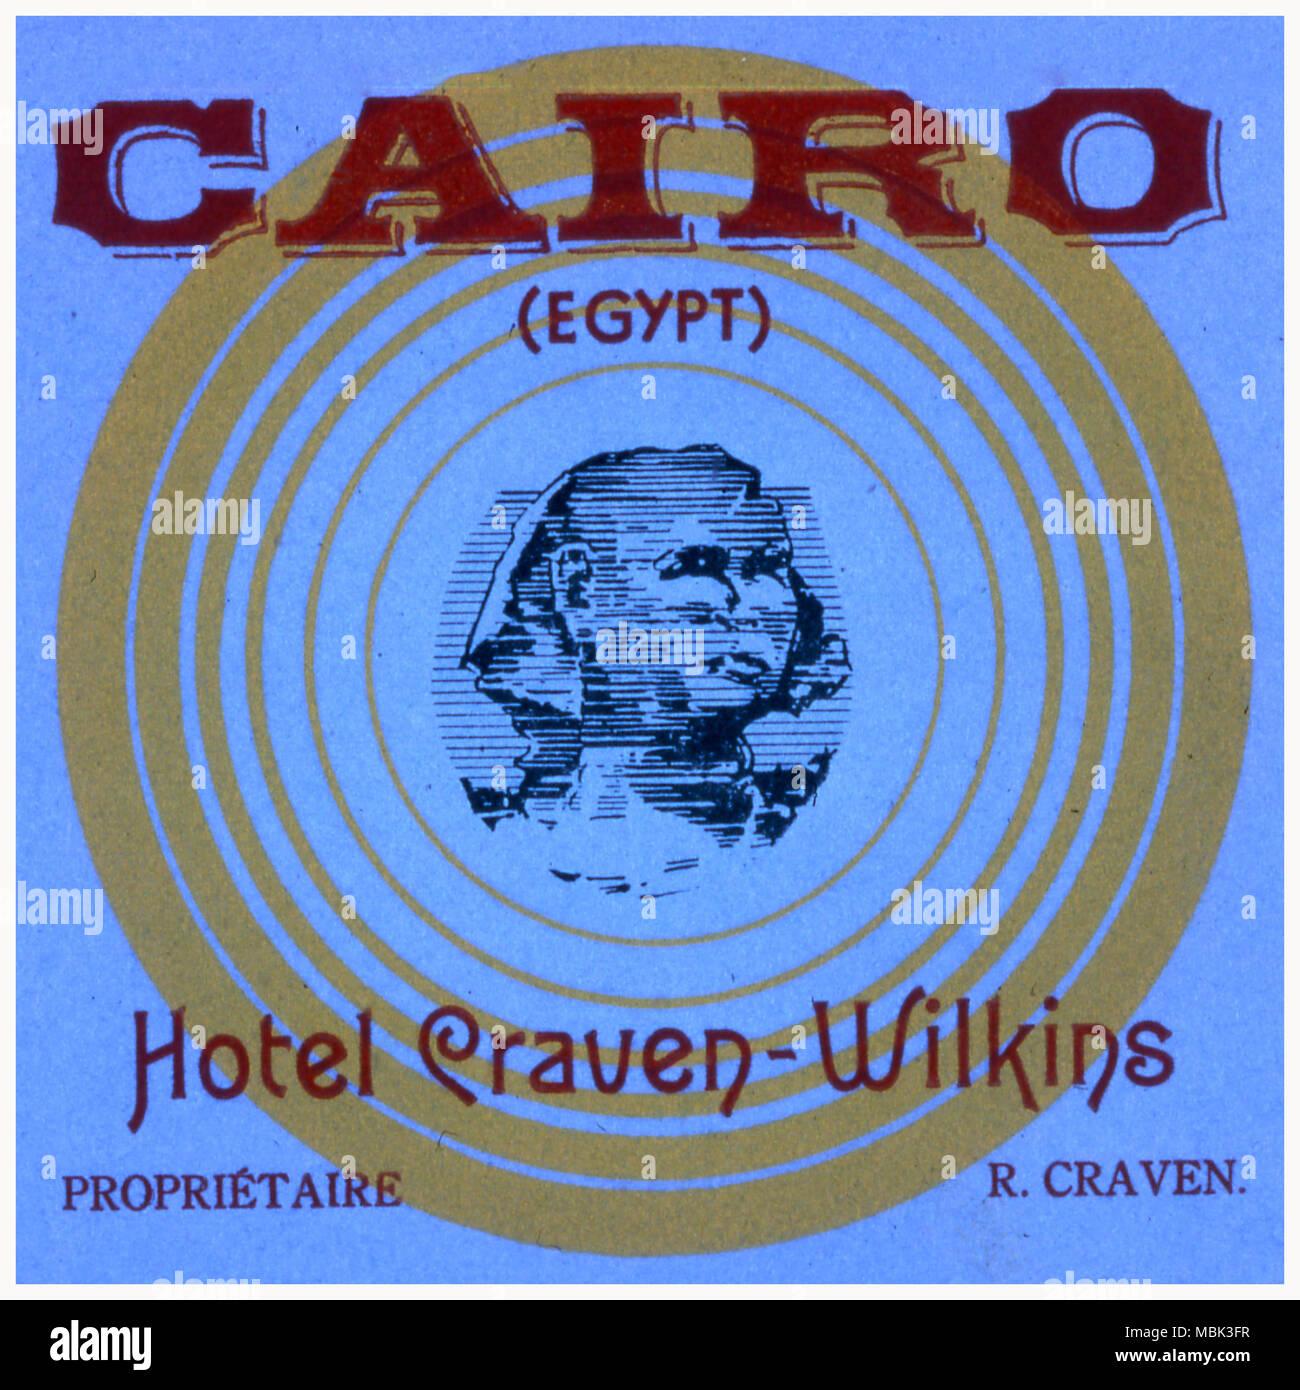 Hotel Craven-Wilkins - Stock Image